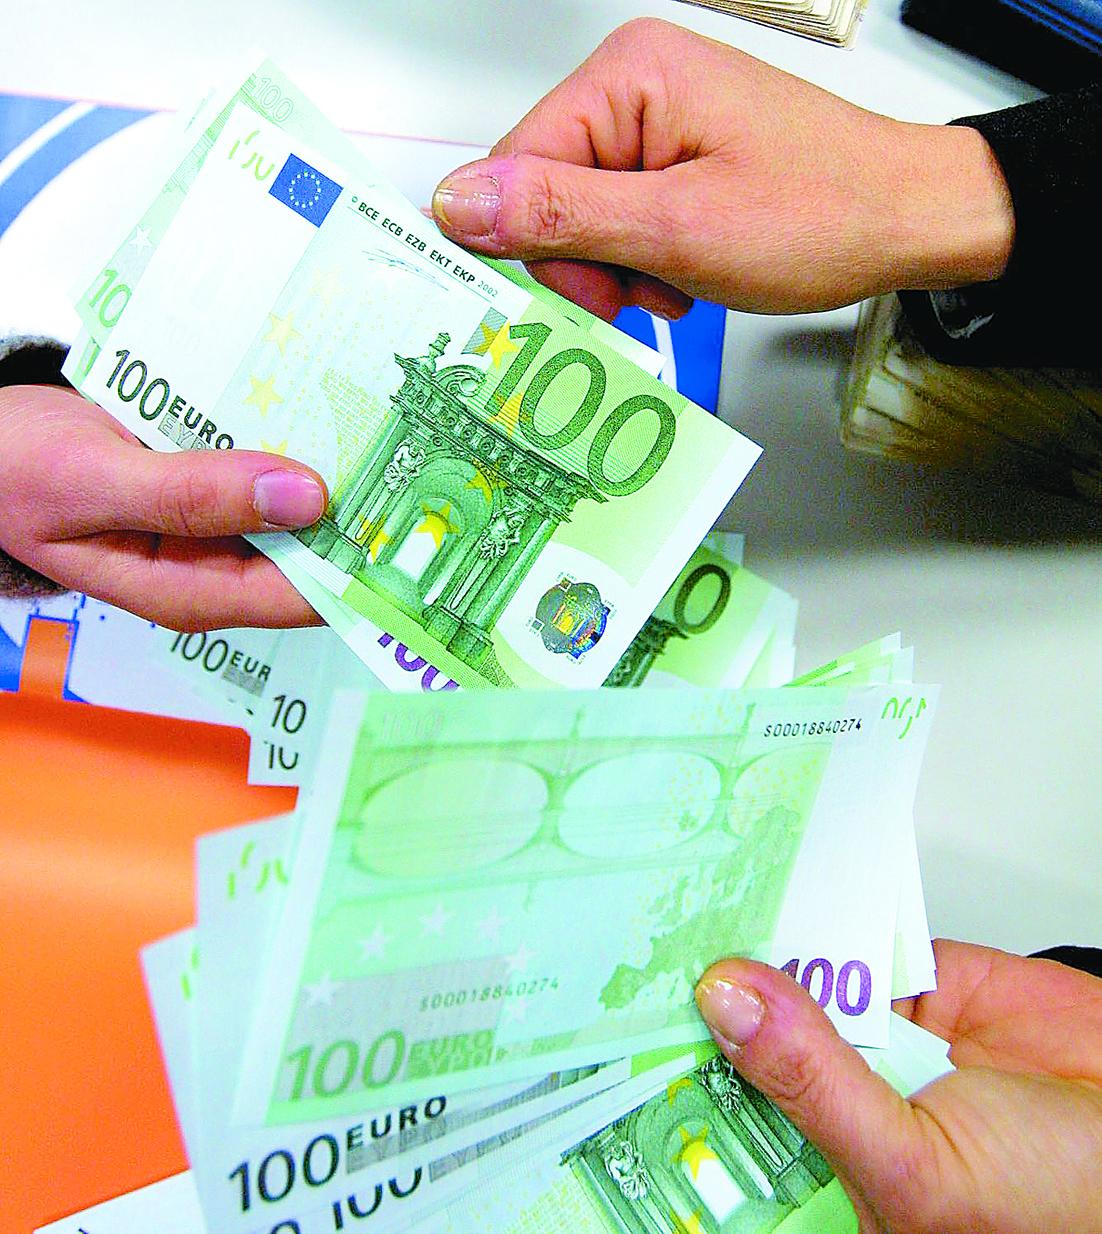 ΕΚΠΟΙΖΩ : «Εδώ και τώρα» λύση στο πρόβλημα των κόκκινων δανείων | tovima.gr